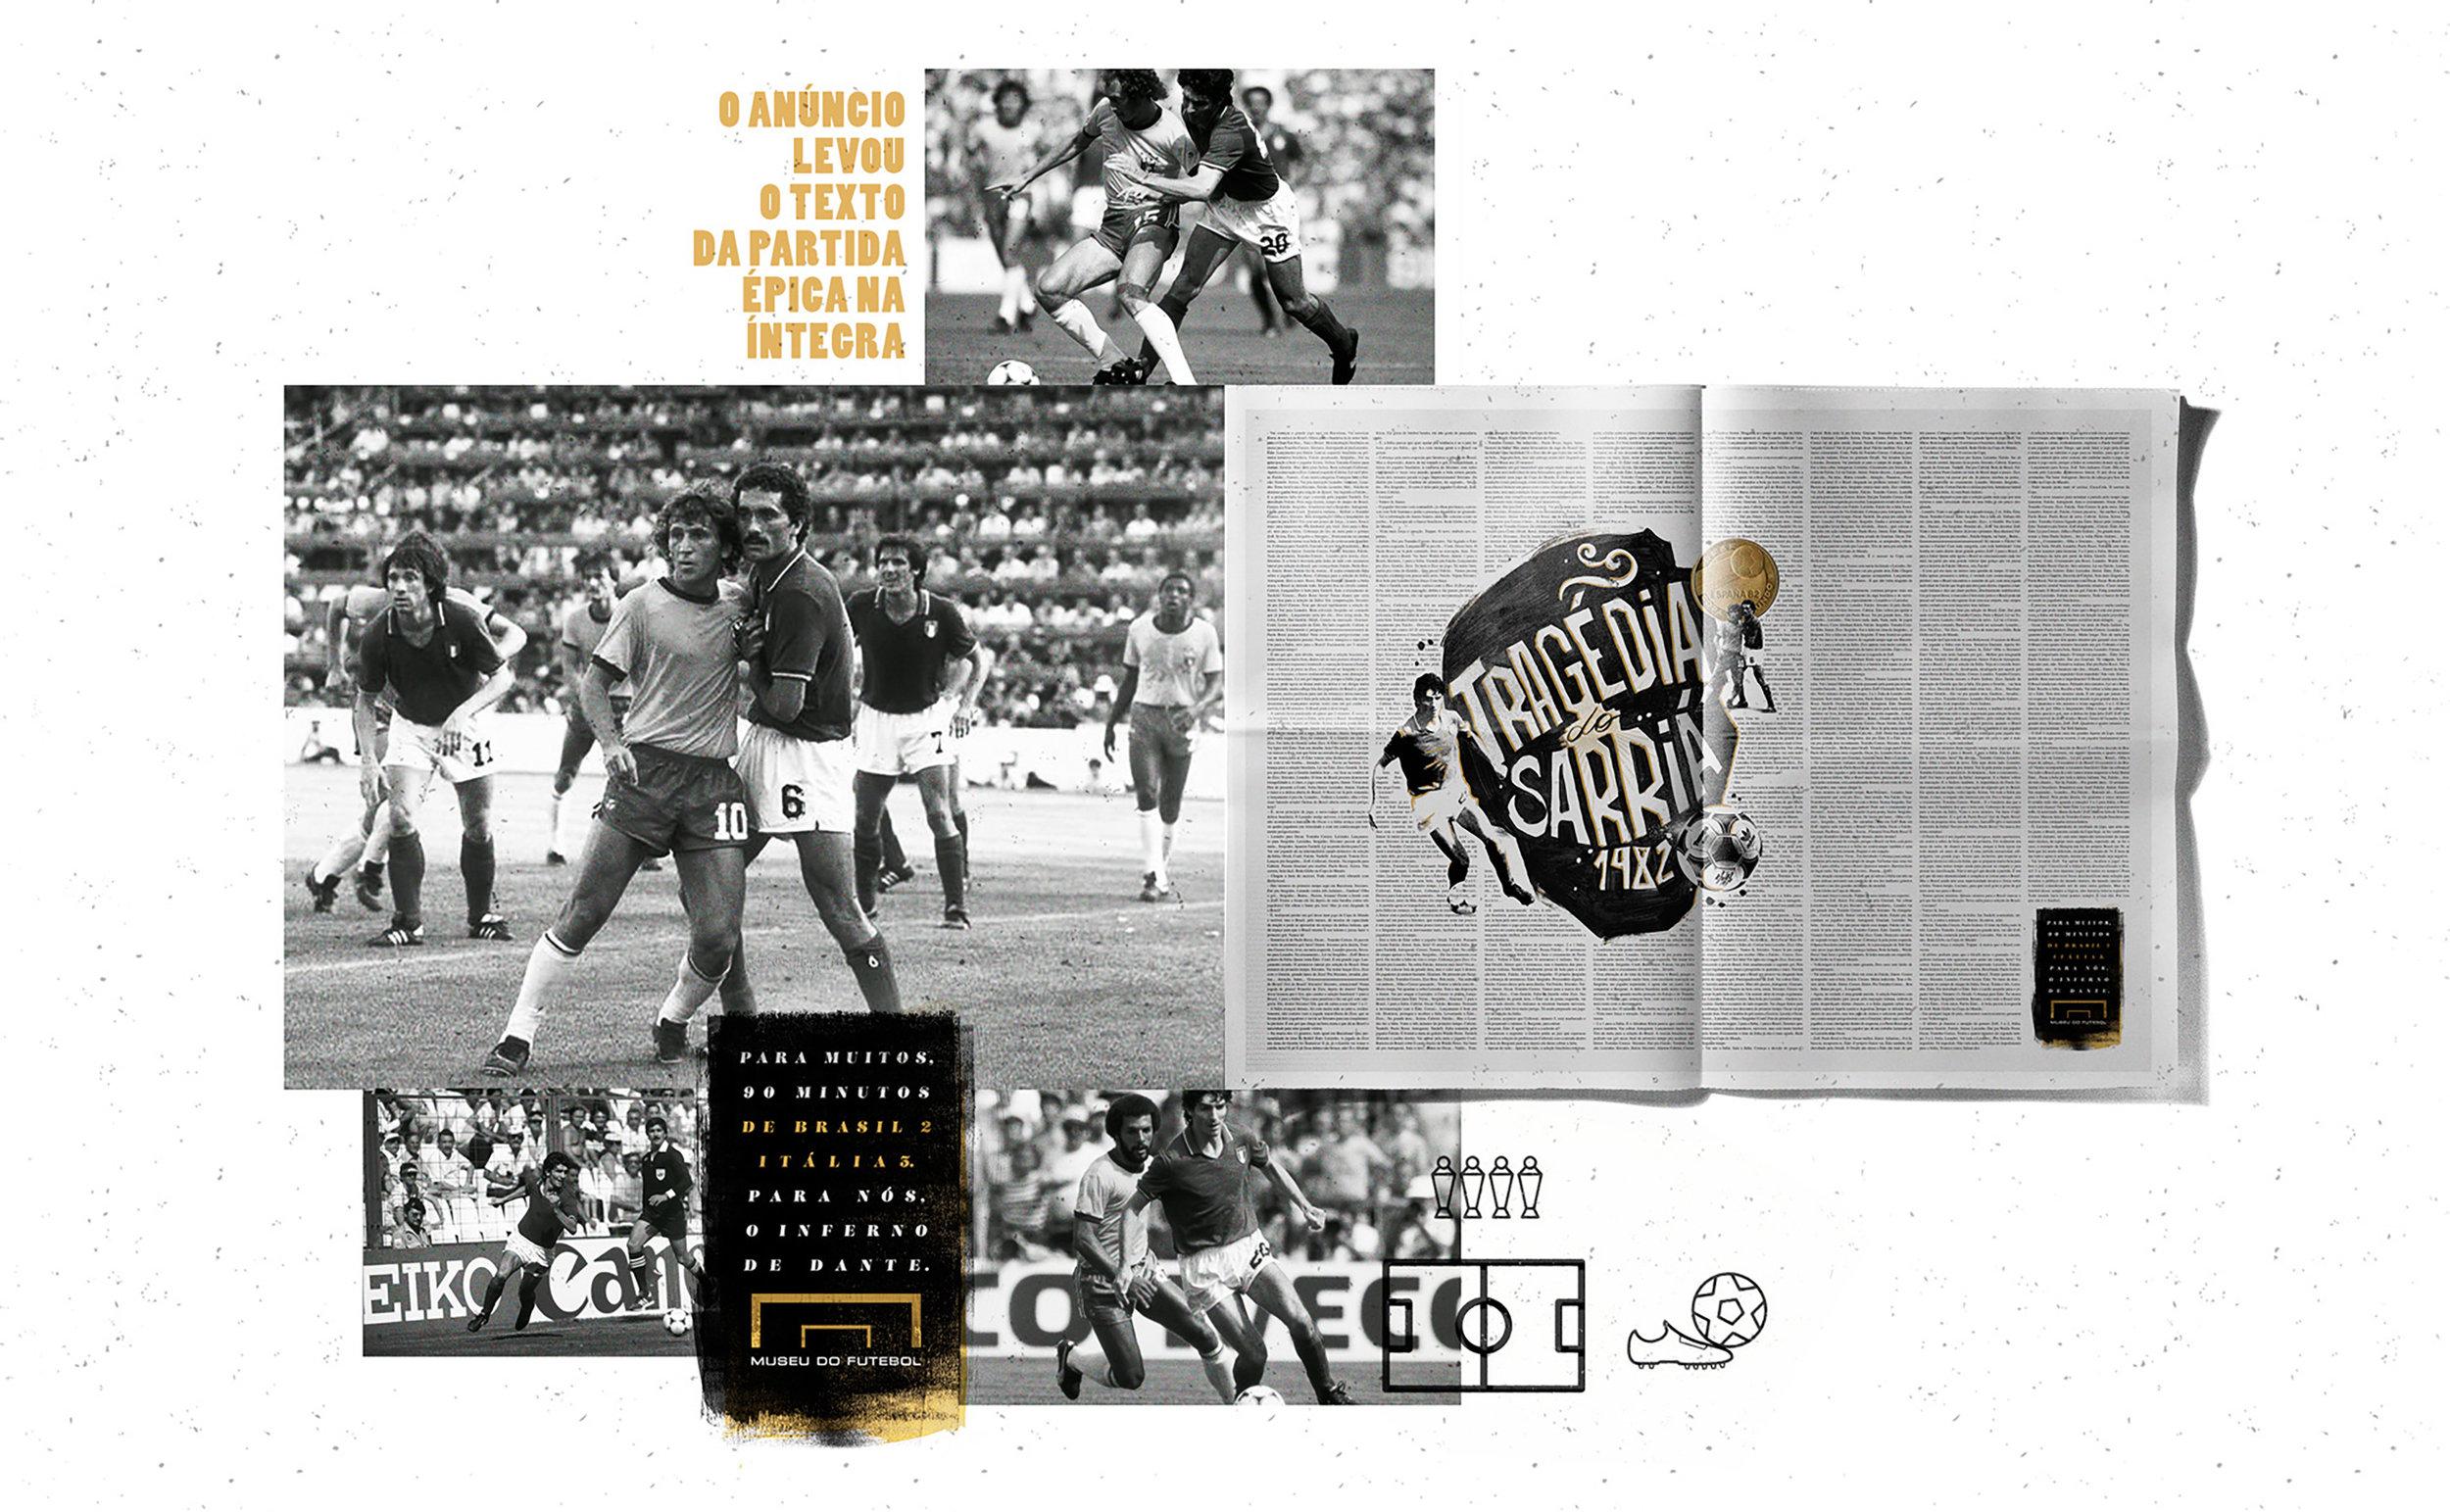 Museu-do-futebol_3000.jpg